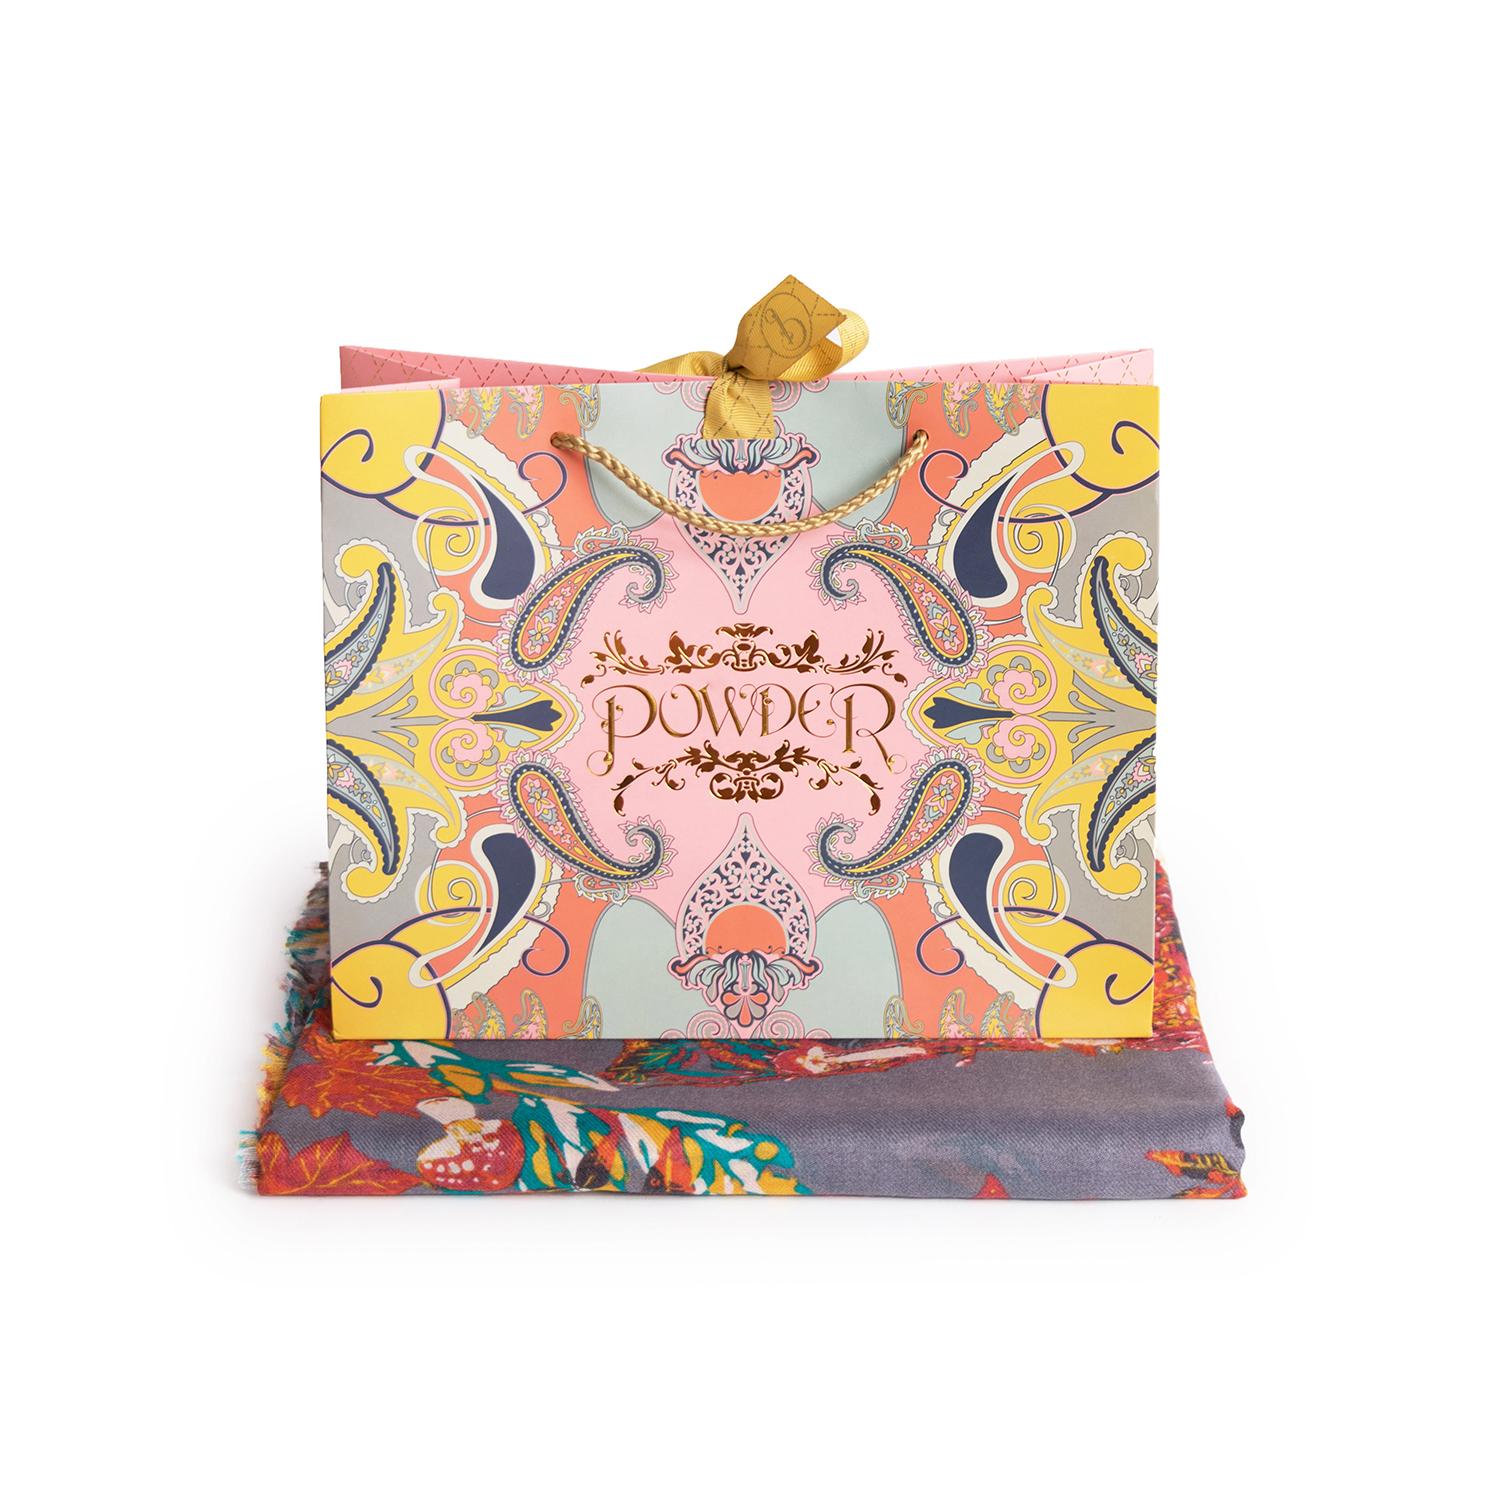 Powder – Slate Grey Floral Fox Print Scarf with Powder Presentation Gift Bag